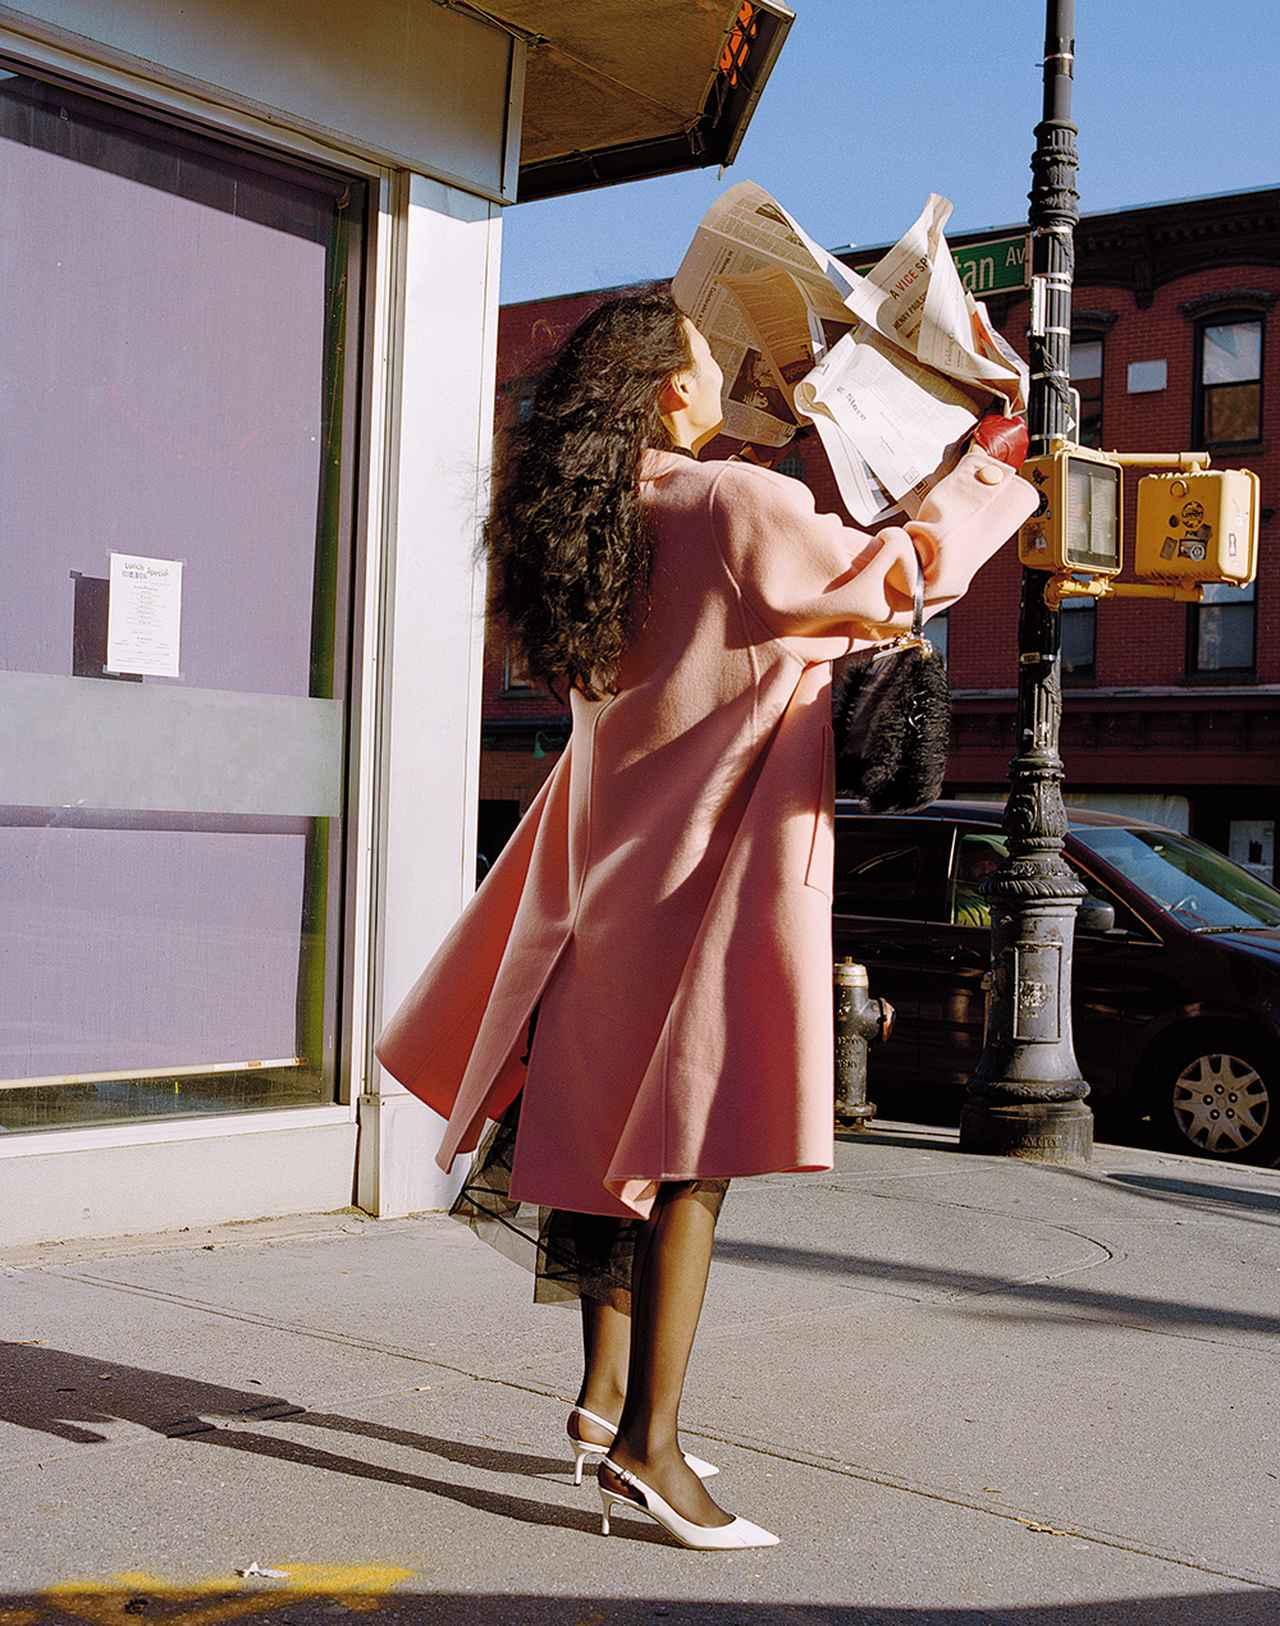 Images : 4番目の画像 - 「日常に華麗なるカオスを。 パワフルに着こなす 「レディ・ライク」」のアルバム - T JAPAN:The New York Times Style Magazine 公式サイト